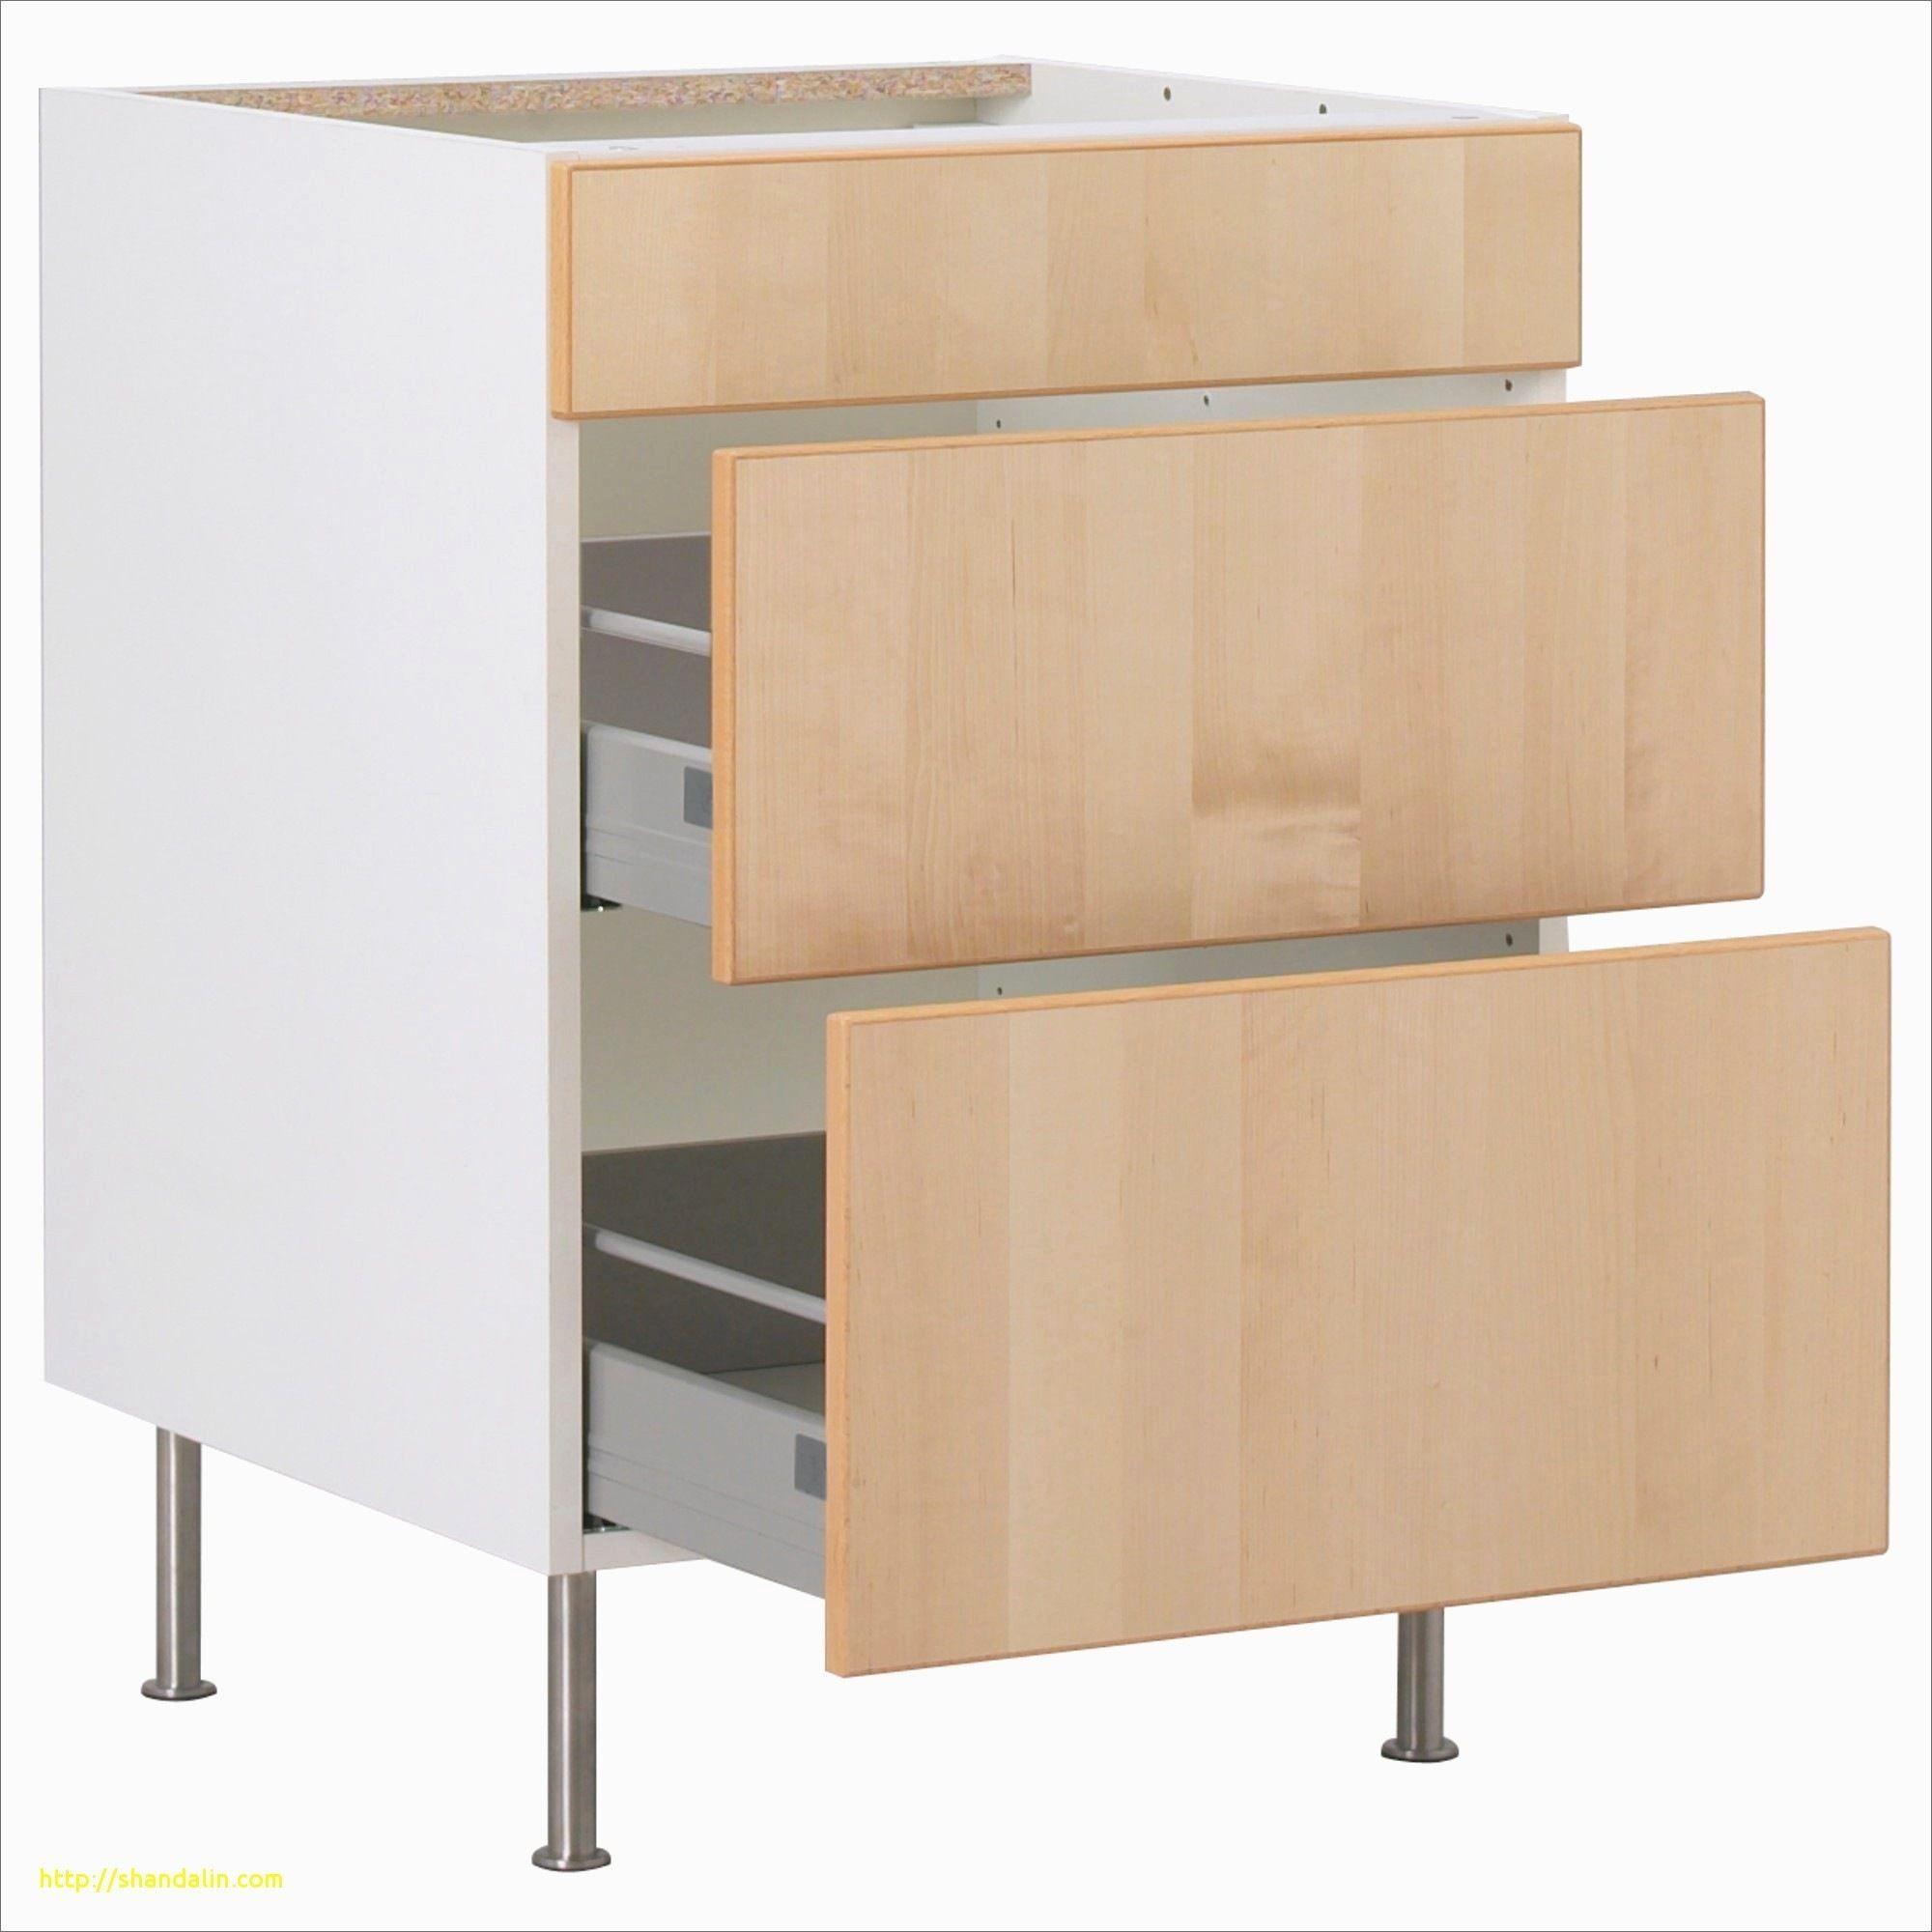 Meuble 50 Cm De Large Ideas | Meuble Cuisine, Meuble De pour Meuble Bas Cuisine 50 Cm Largeur Ikea